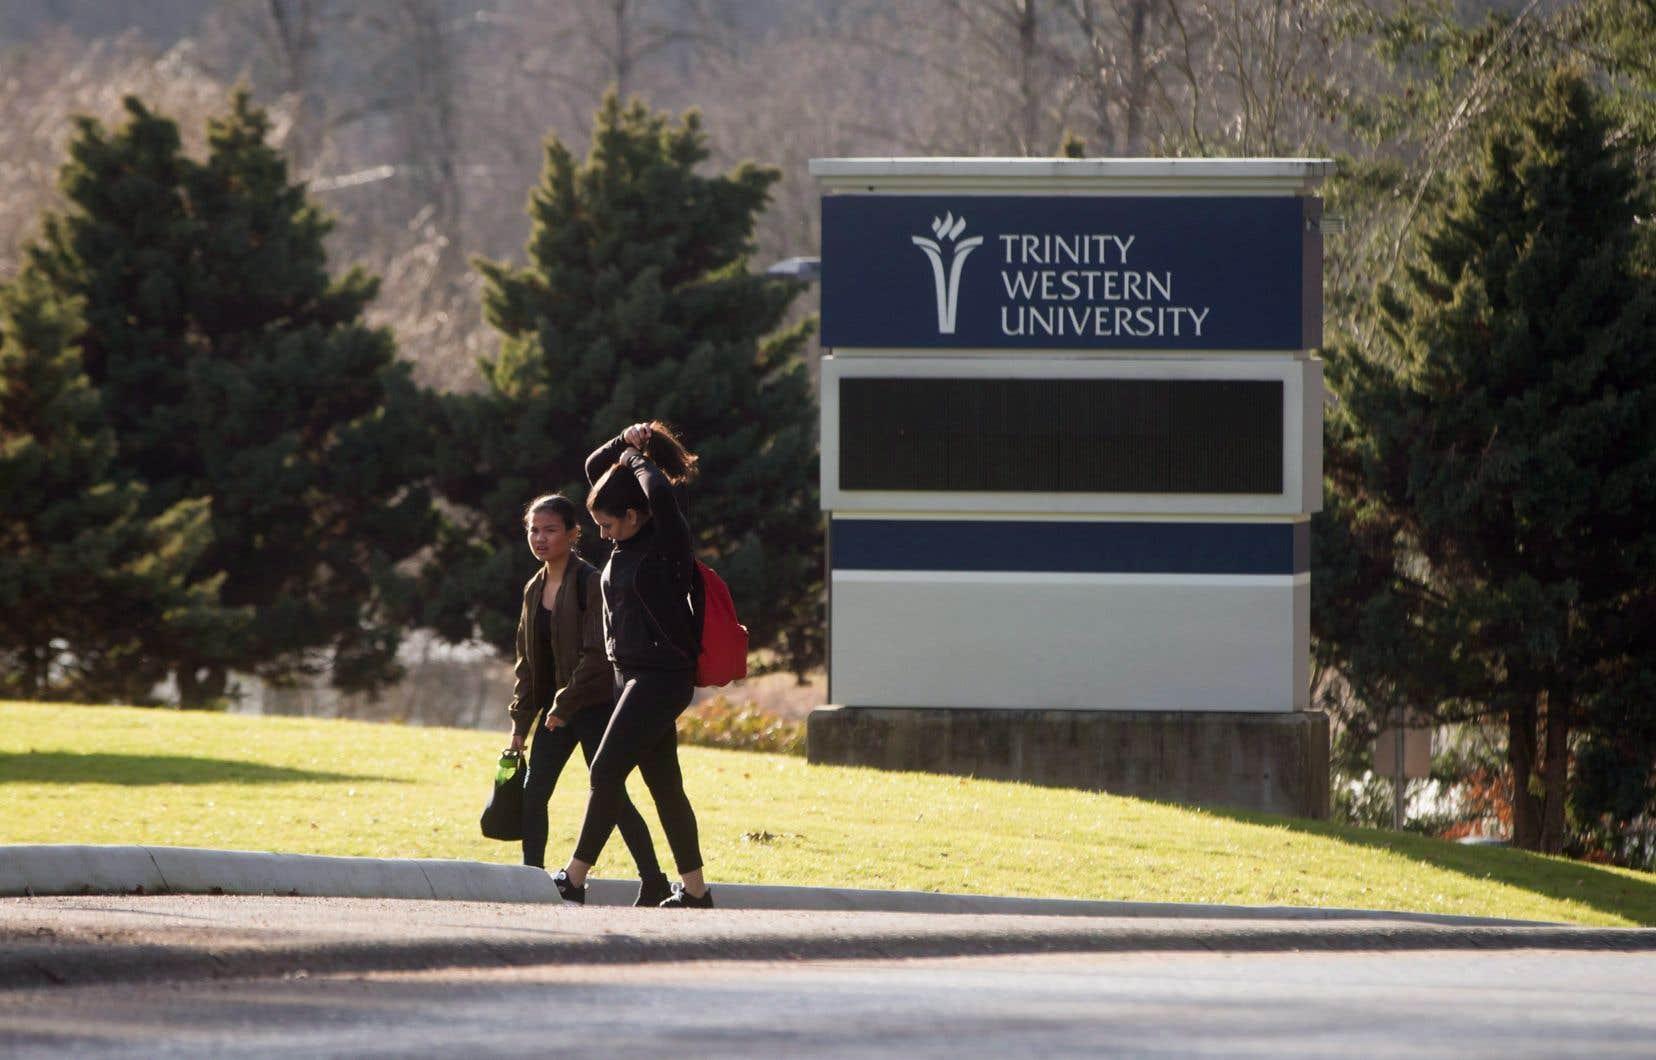 L'Université Trinity Western a été fondée sur les principes chrétiens évangéliques.